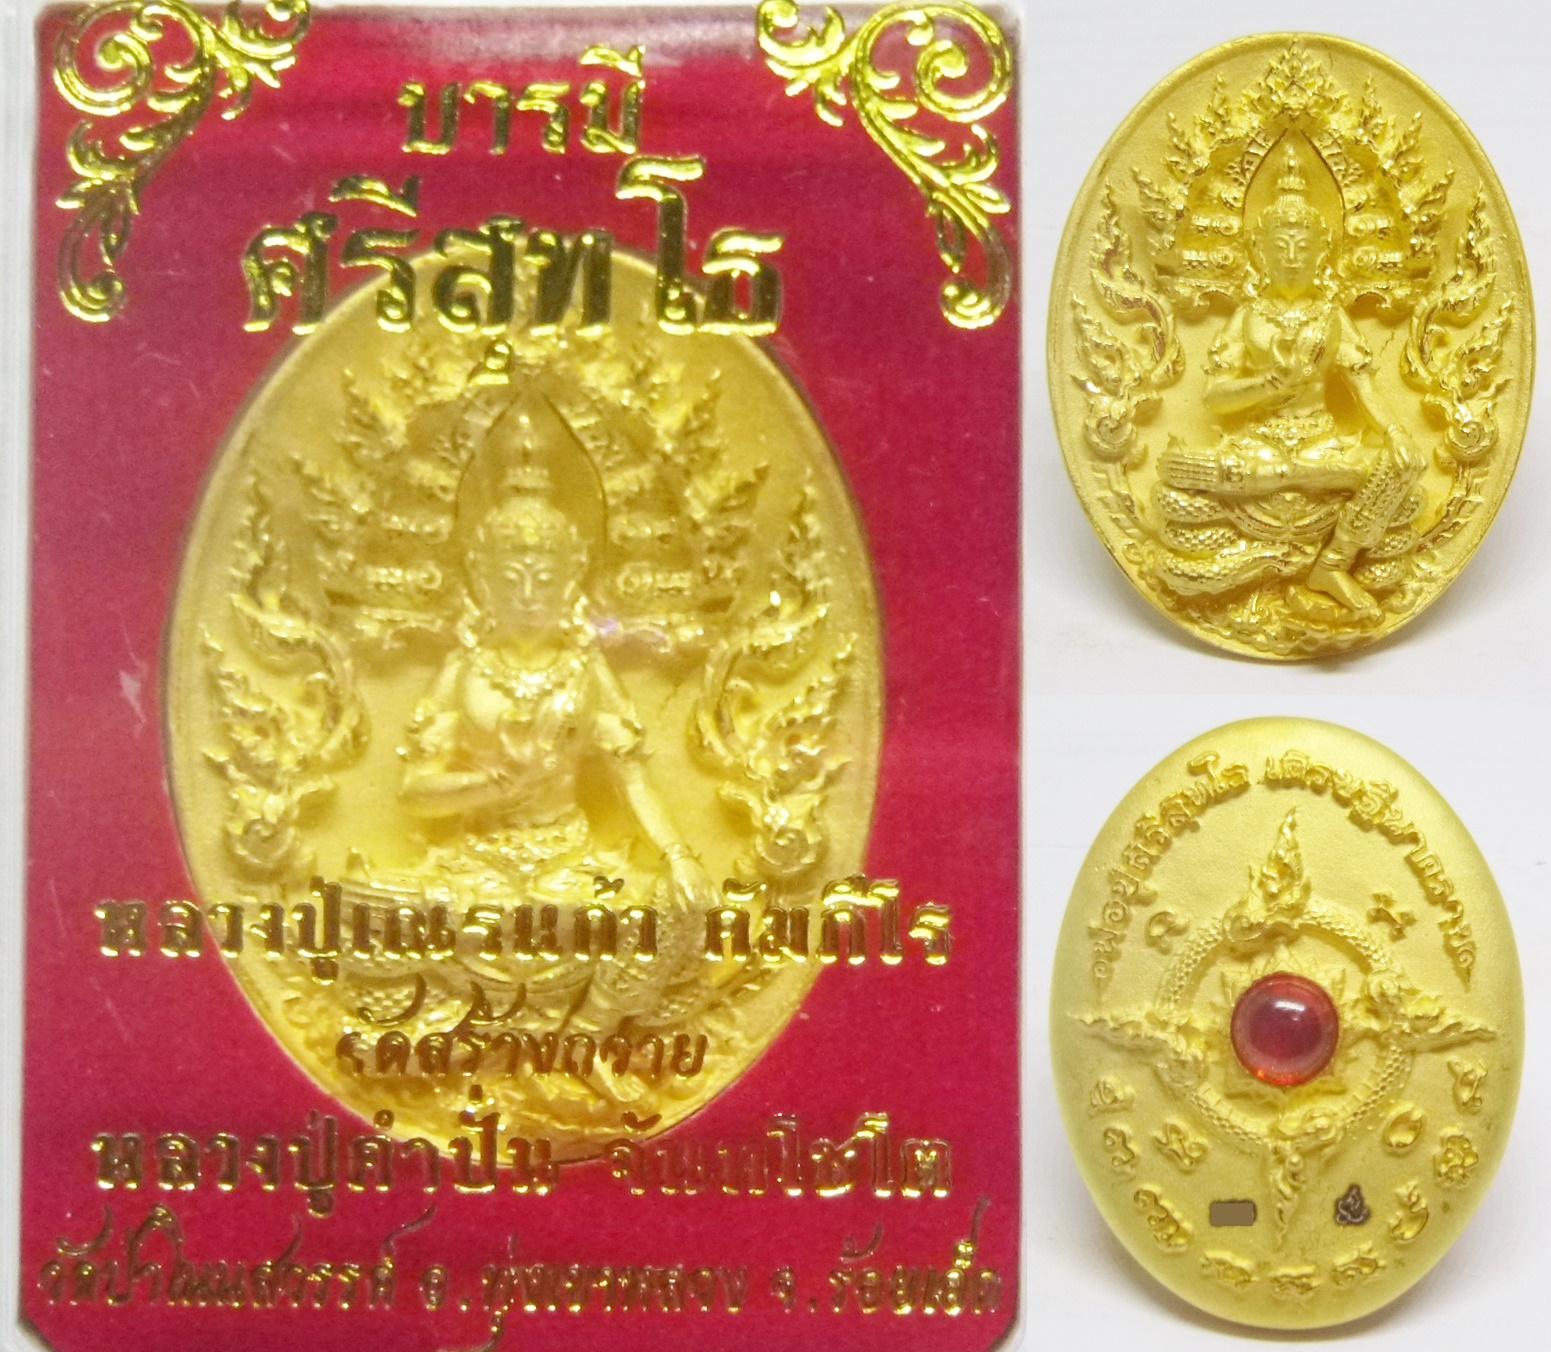 เหรียญหล่อ พ่อปู่ศรีสุทโธ เศรษฐีนาคราช เนื้อสัมฤทธิ์ชุบทอง หลวงปู่คำปั่น วัดป่าโนนสวรรค์ 2560